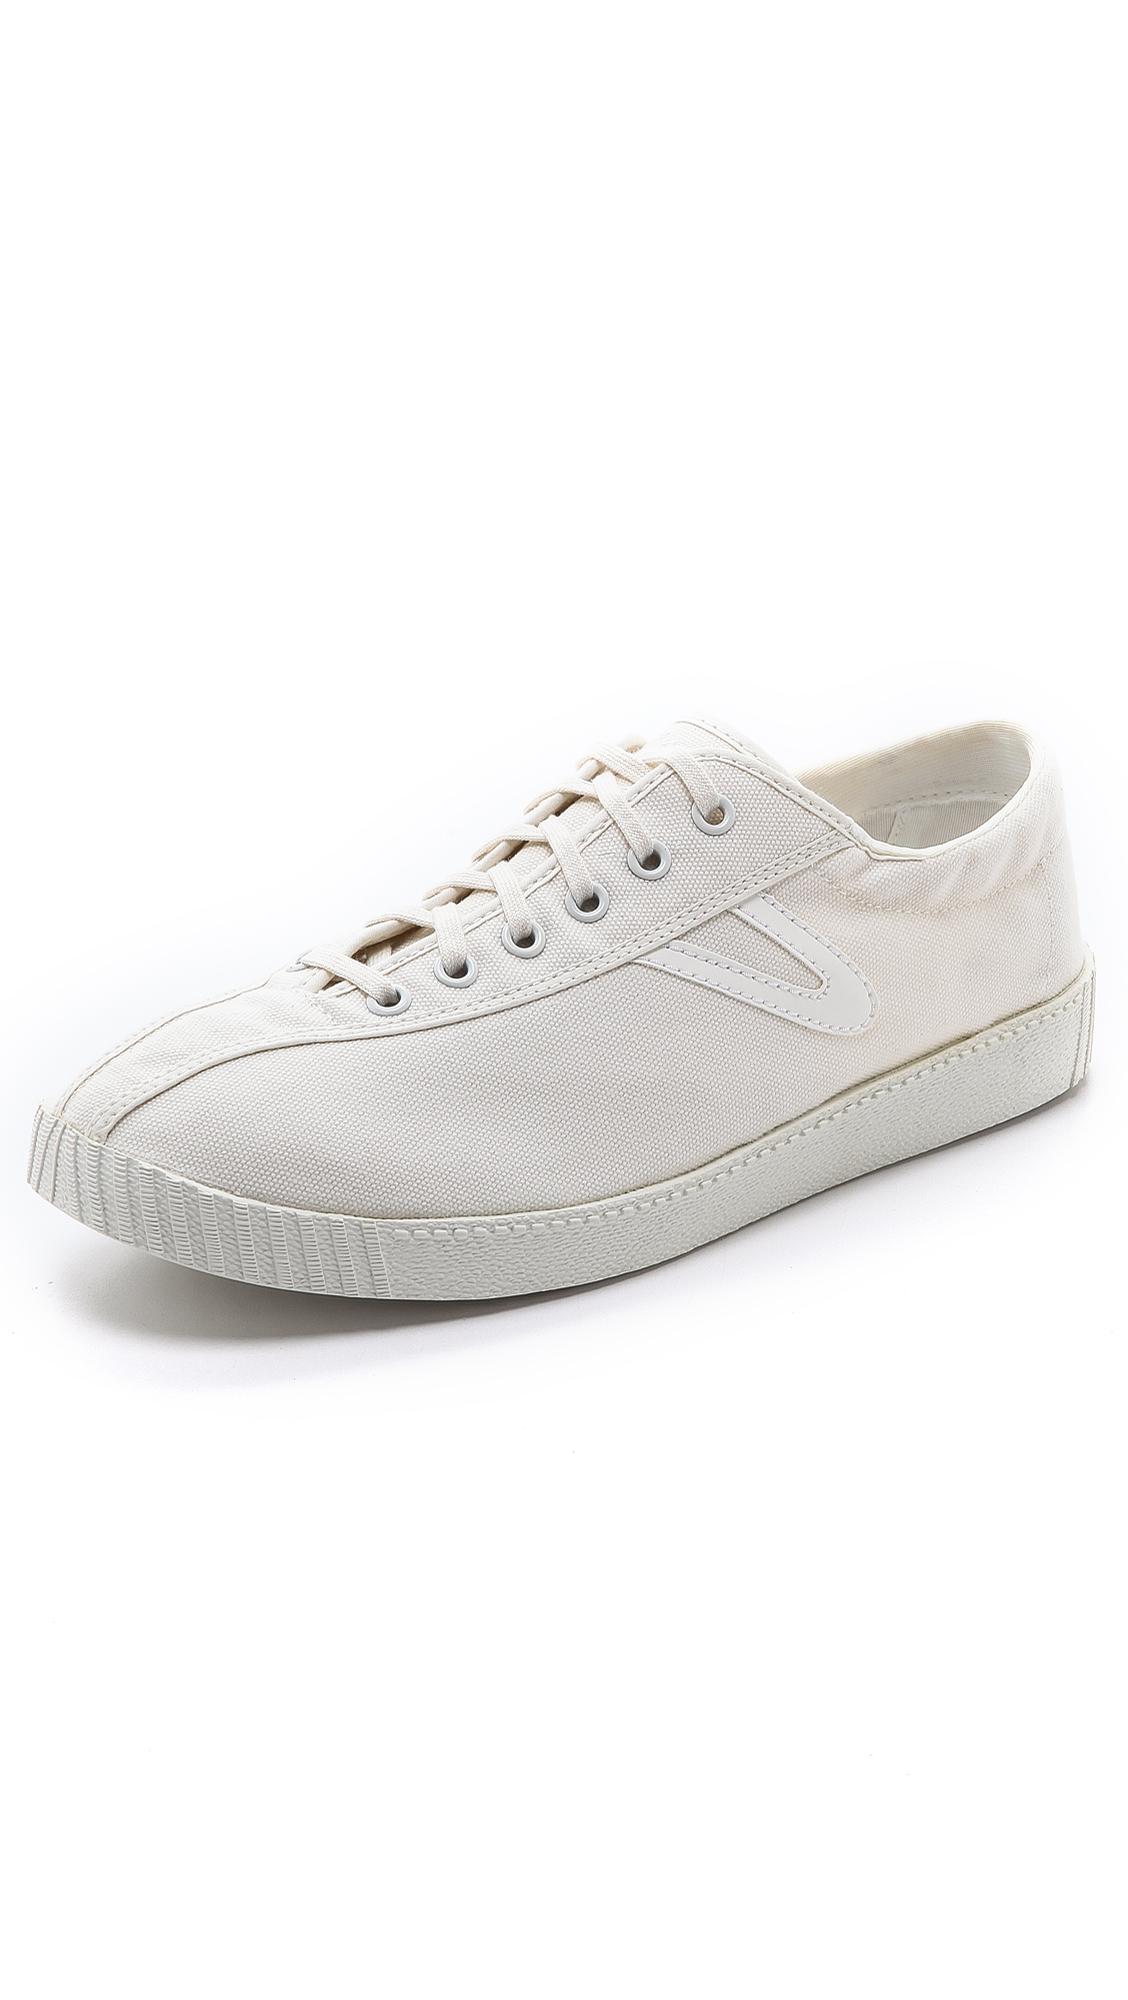 Men's Shoe Size